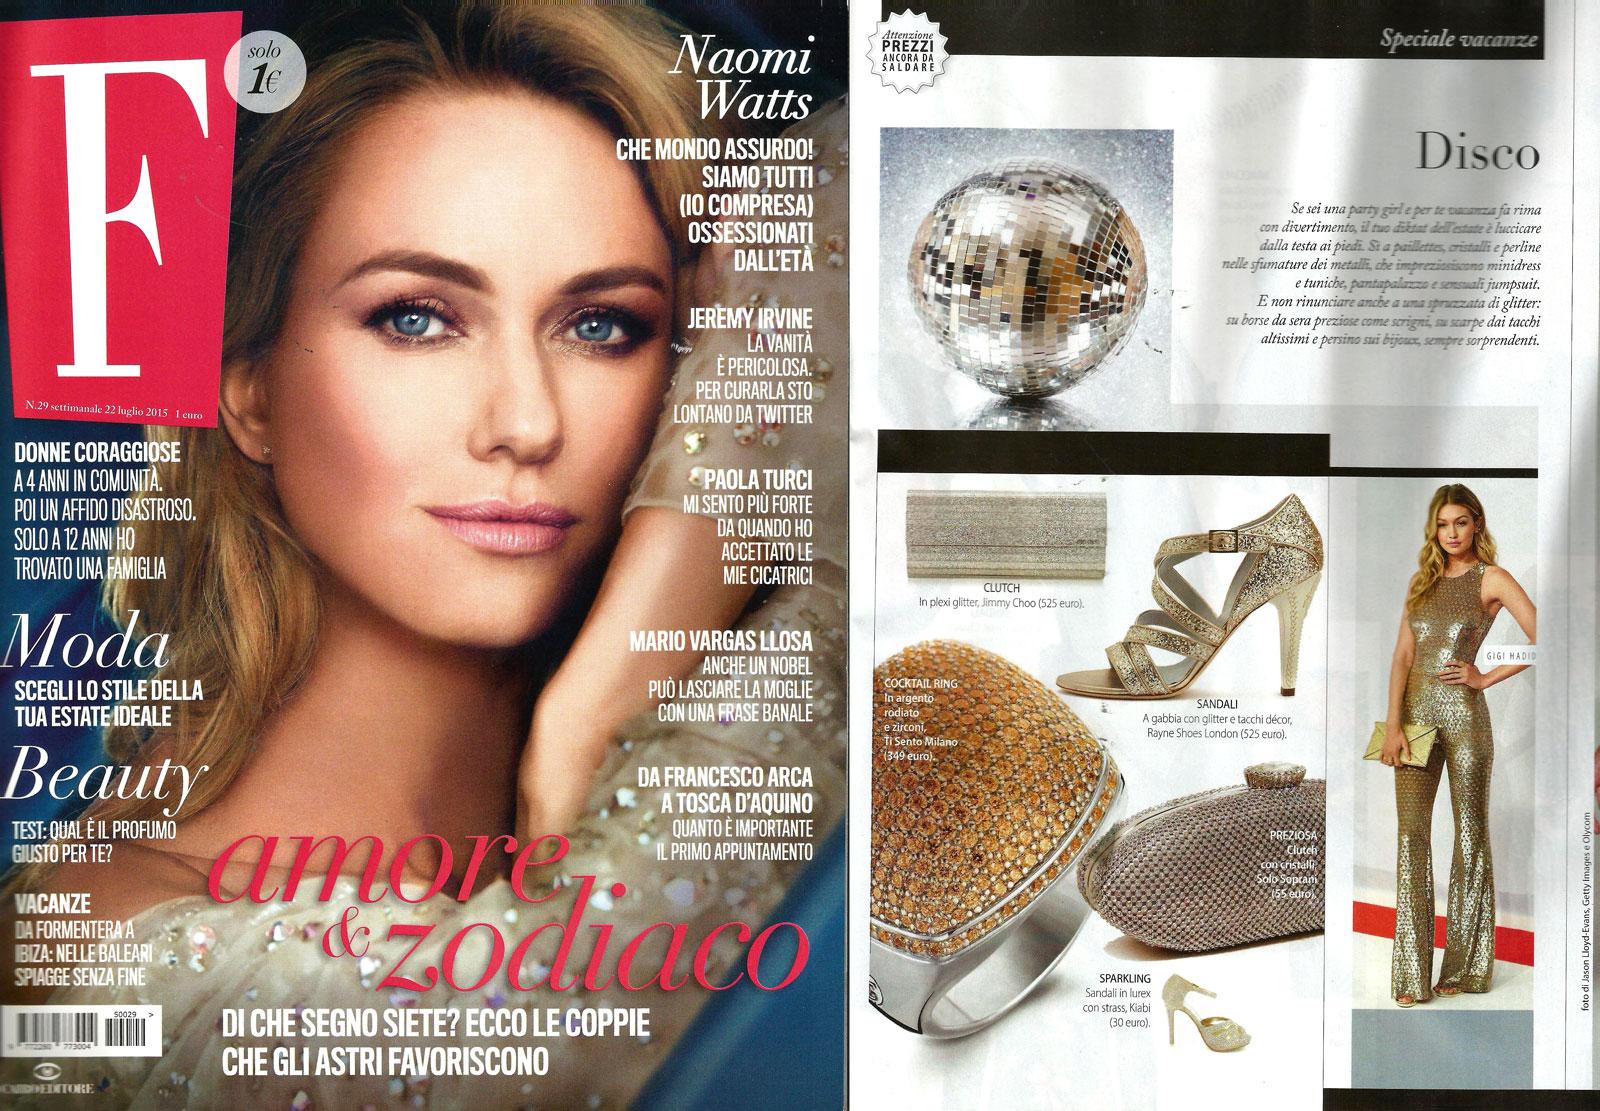 Rayne on F Magazine issue July 2015